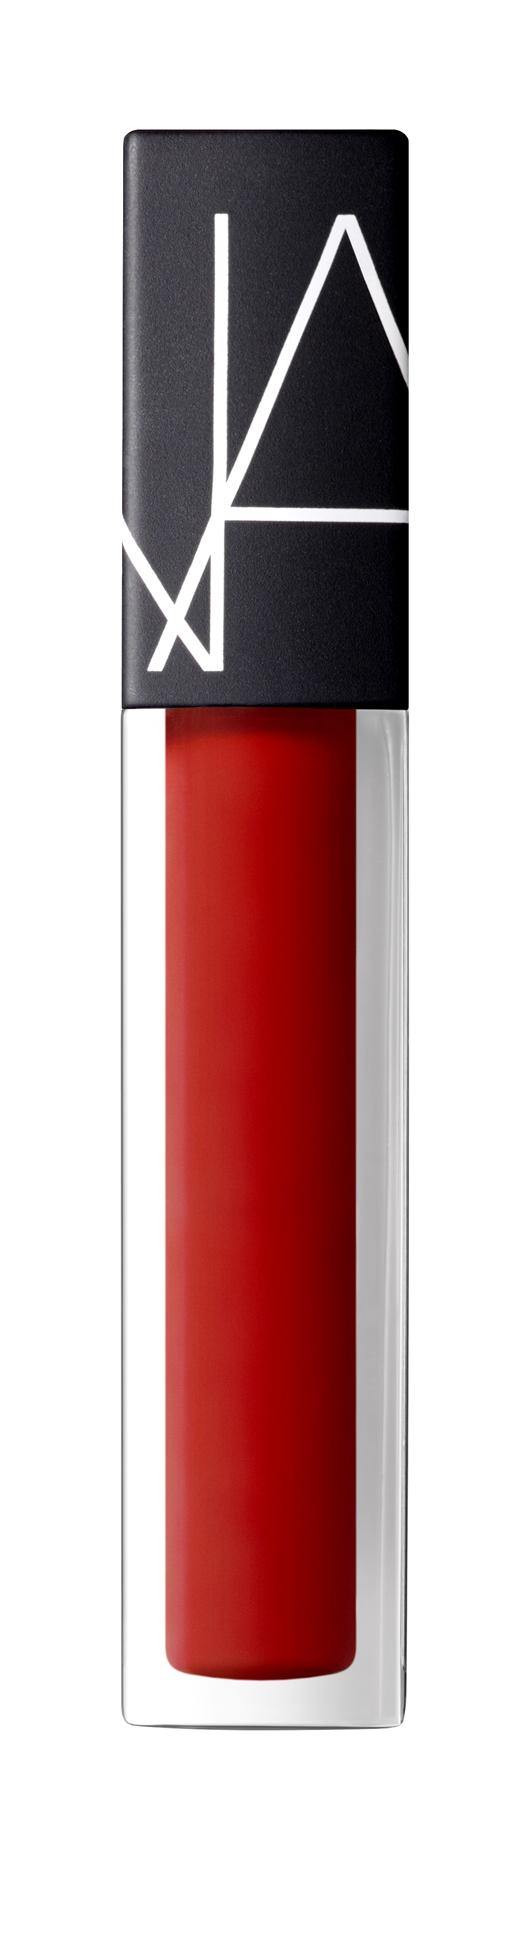 rouge l vres orange nars 20 rouges l vres orange qui. Black Bedroom Furniture Sets. Home Design Ideas